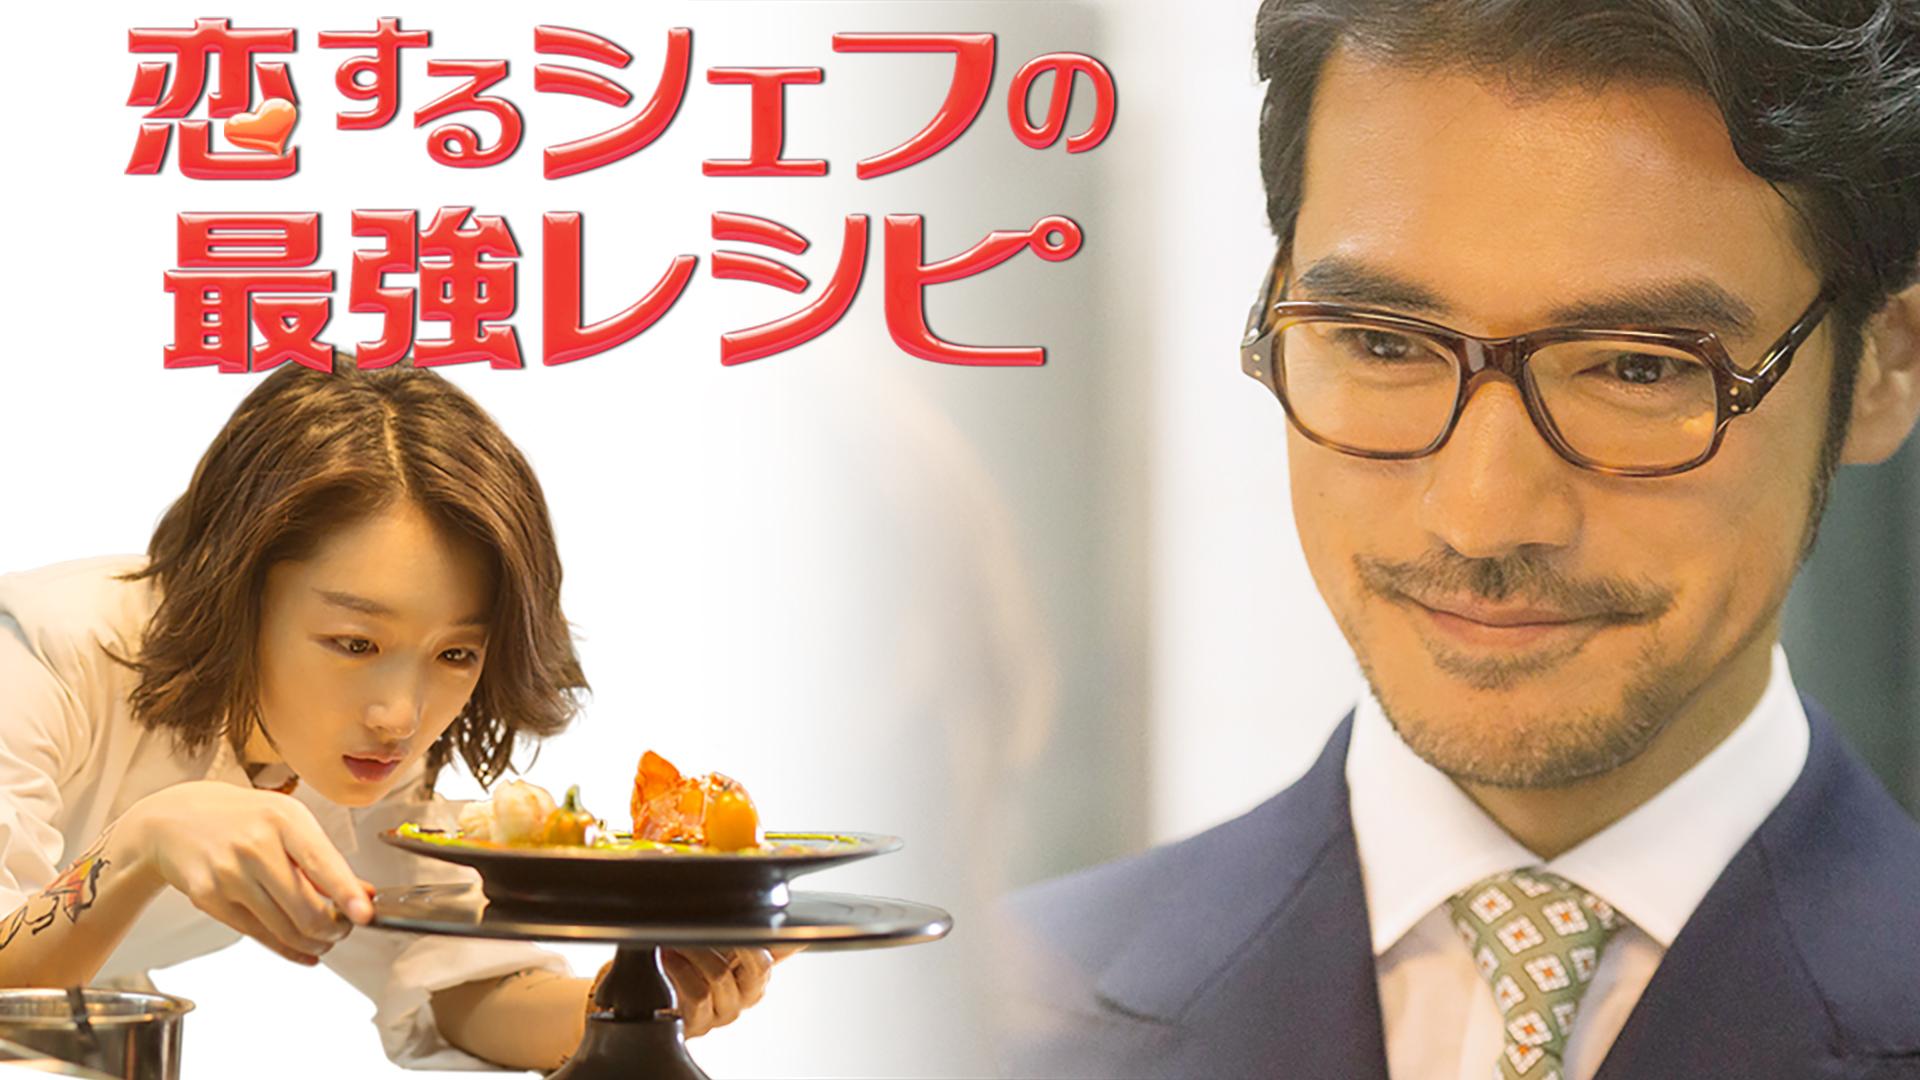 恋するシェフの最強レシピ(字幕版)